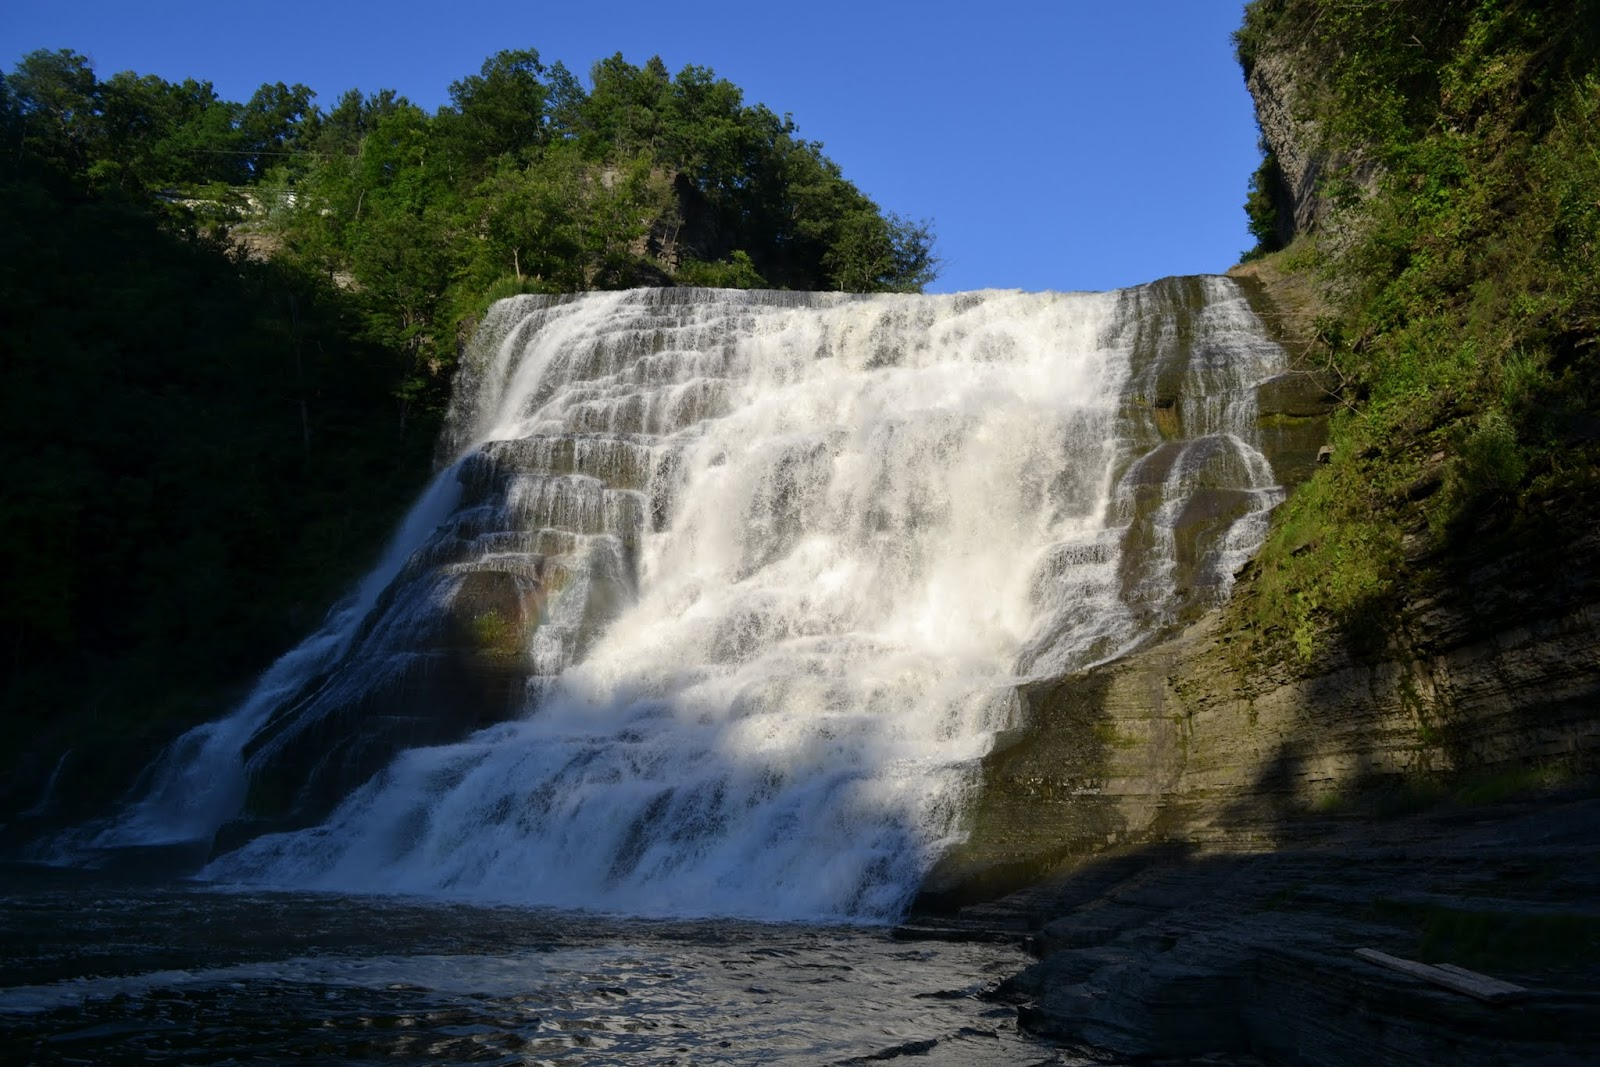 Водопад Итака, Итака, штат Нью-Йорк (Ithaca Falls, Ithaca, New York)